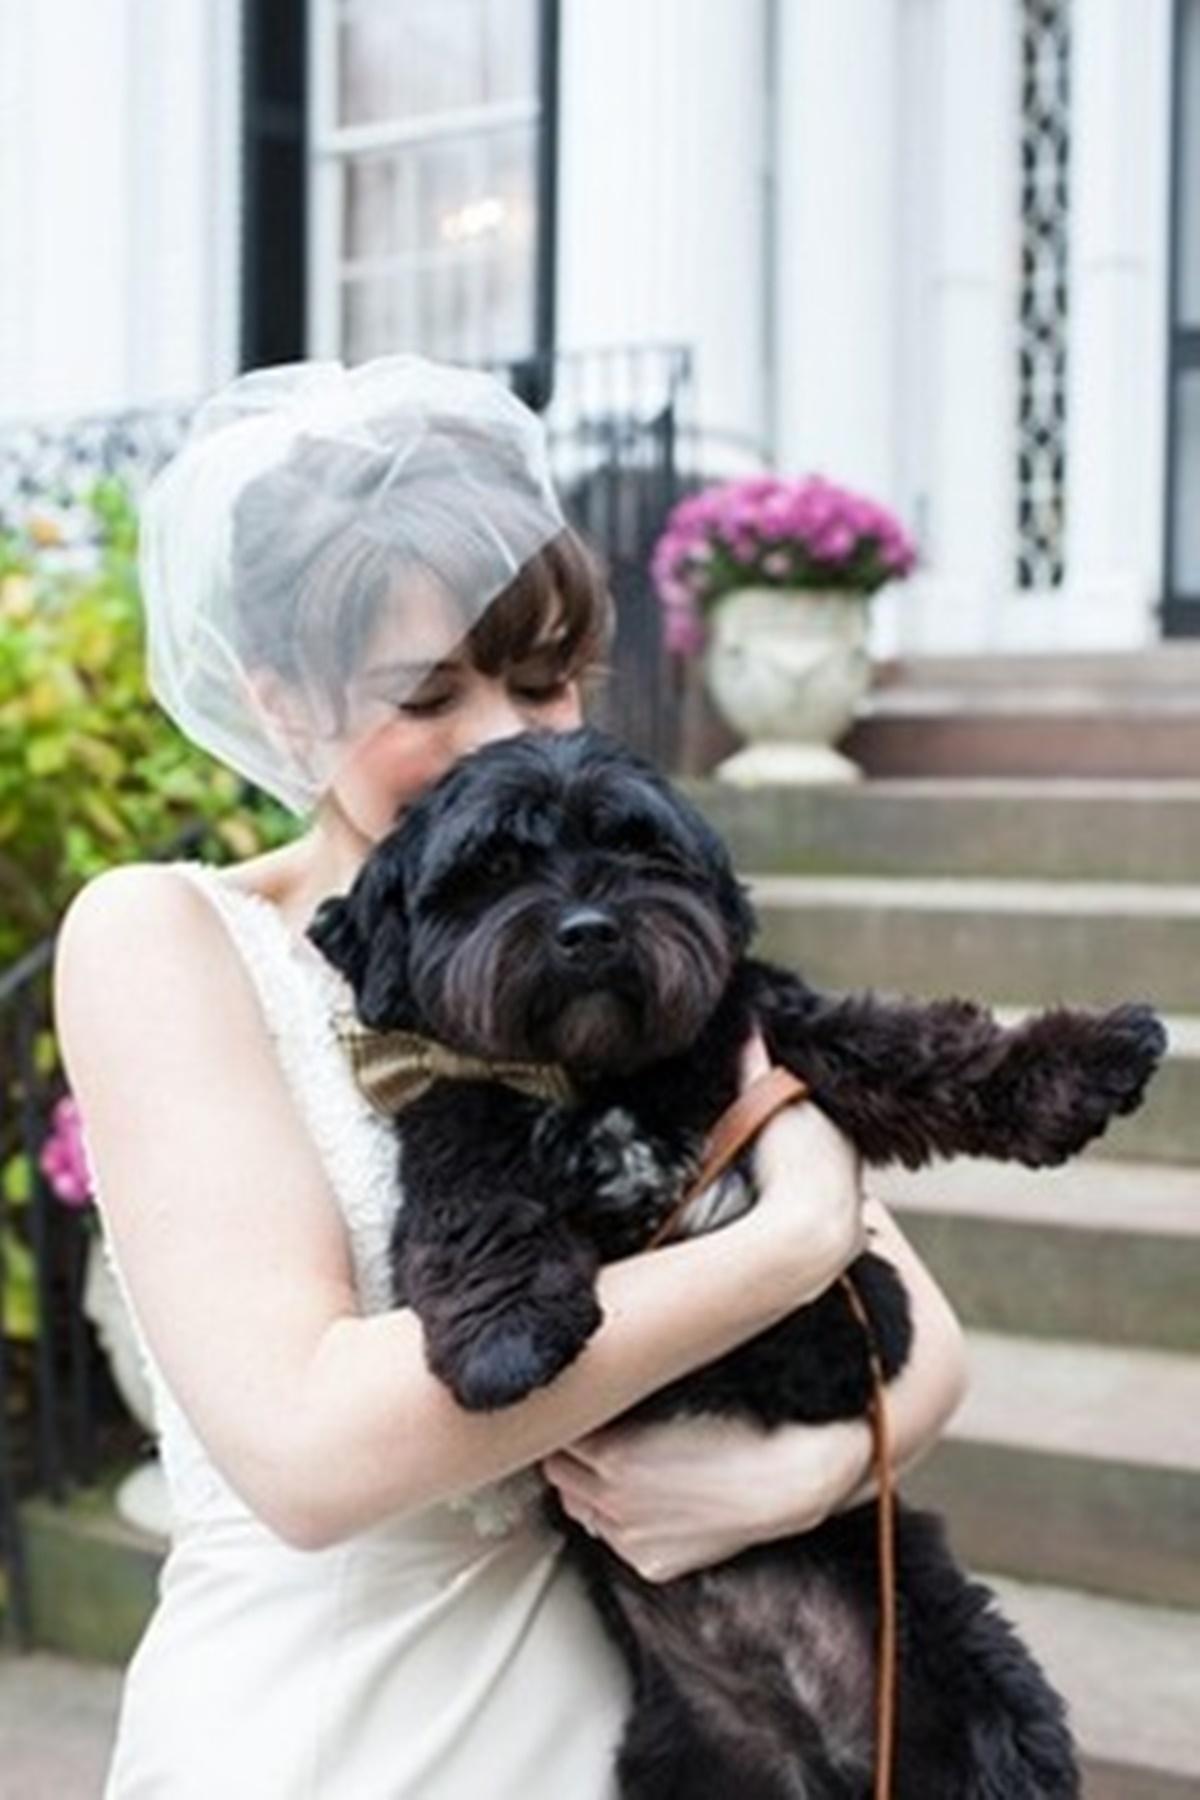 cane in braccio alla sposa